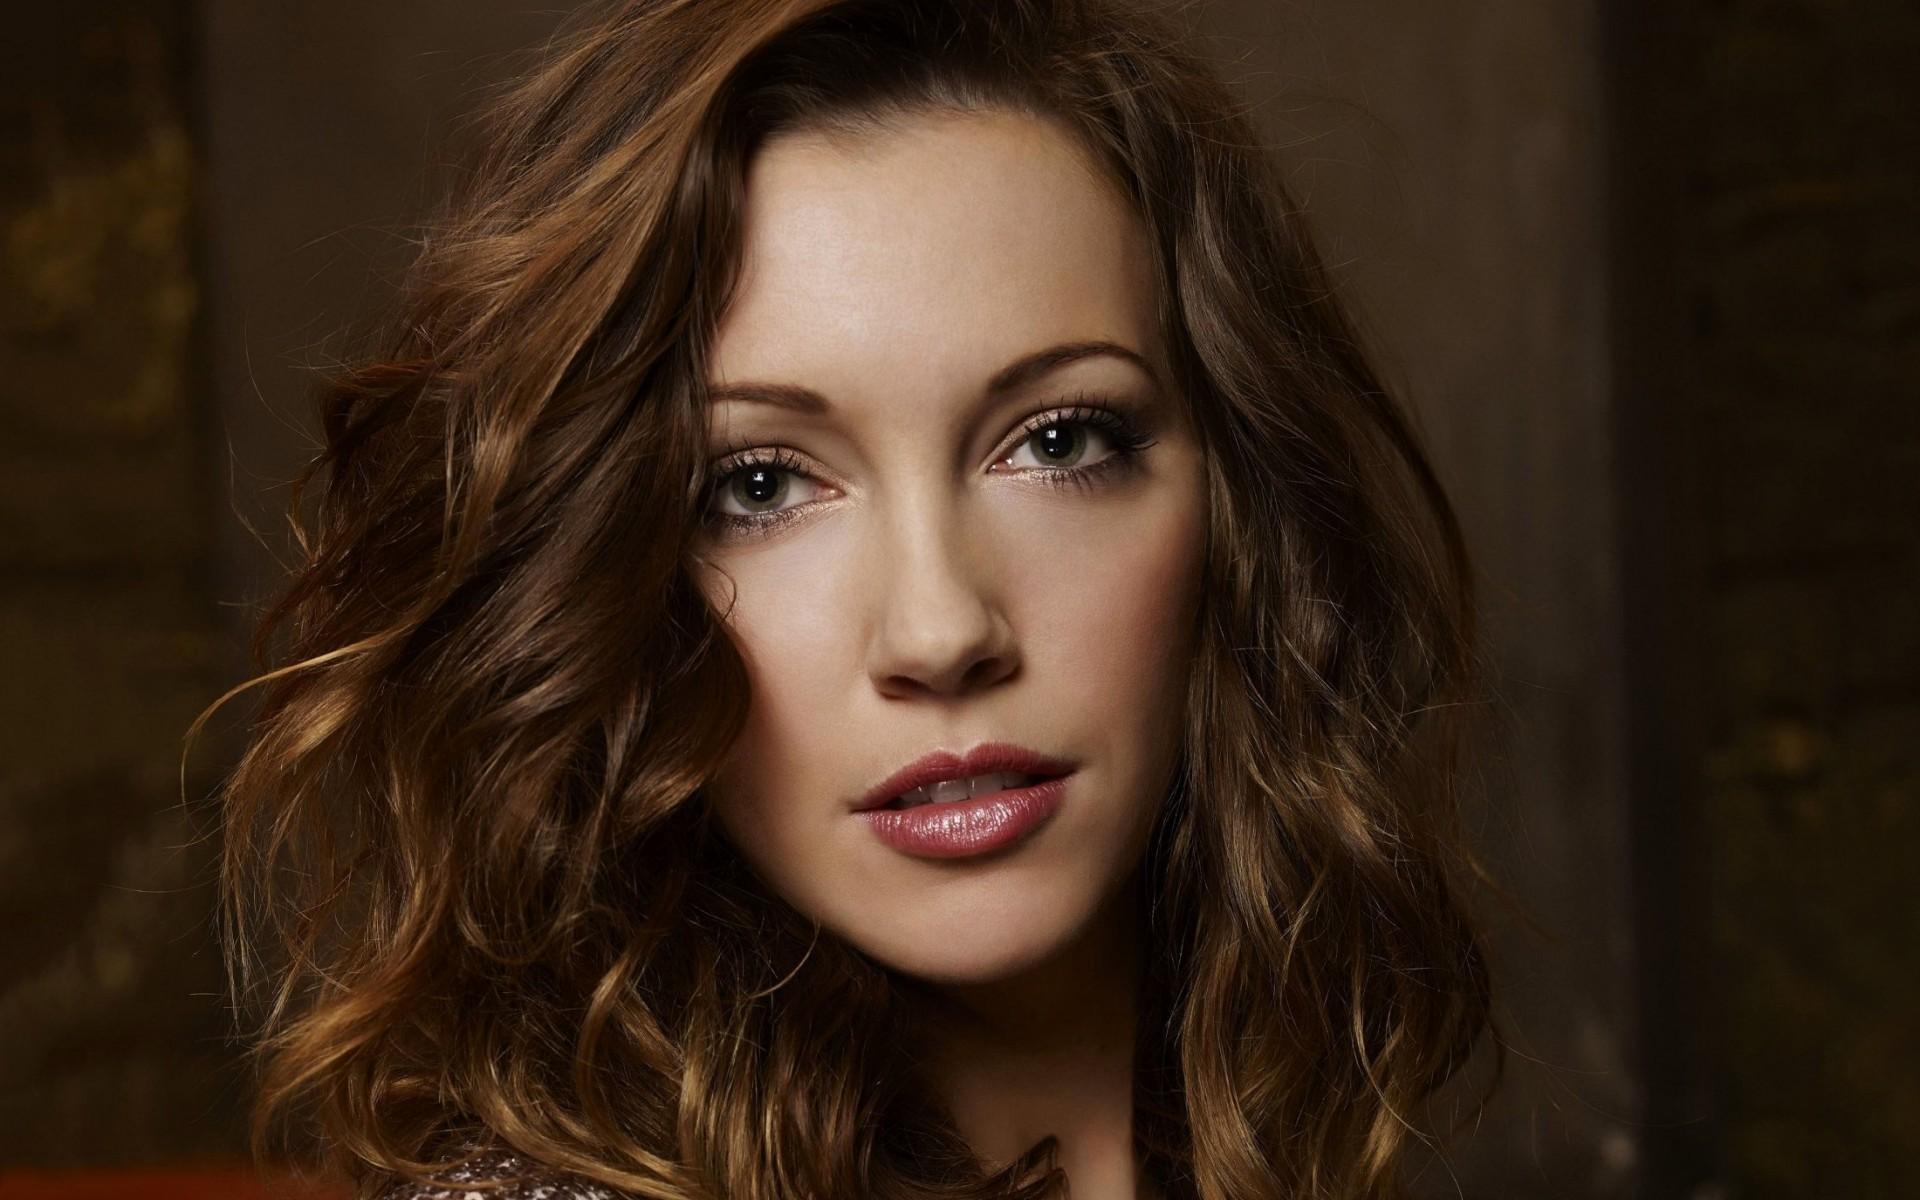 красиво польск актрисы фото - 7